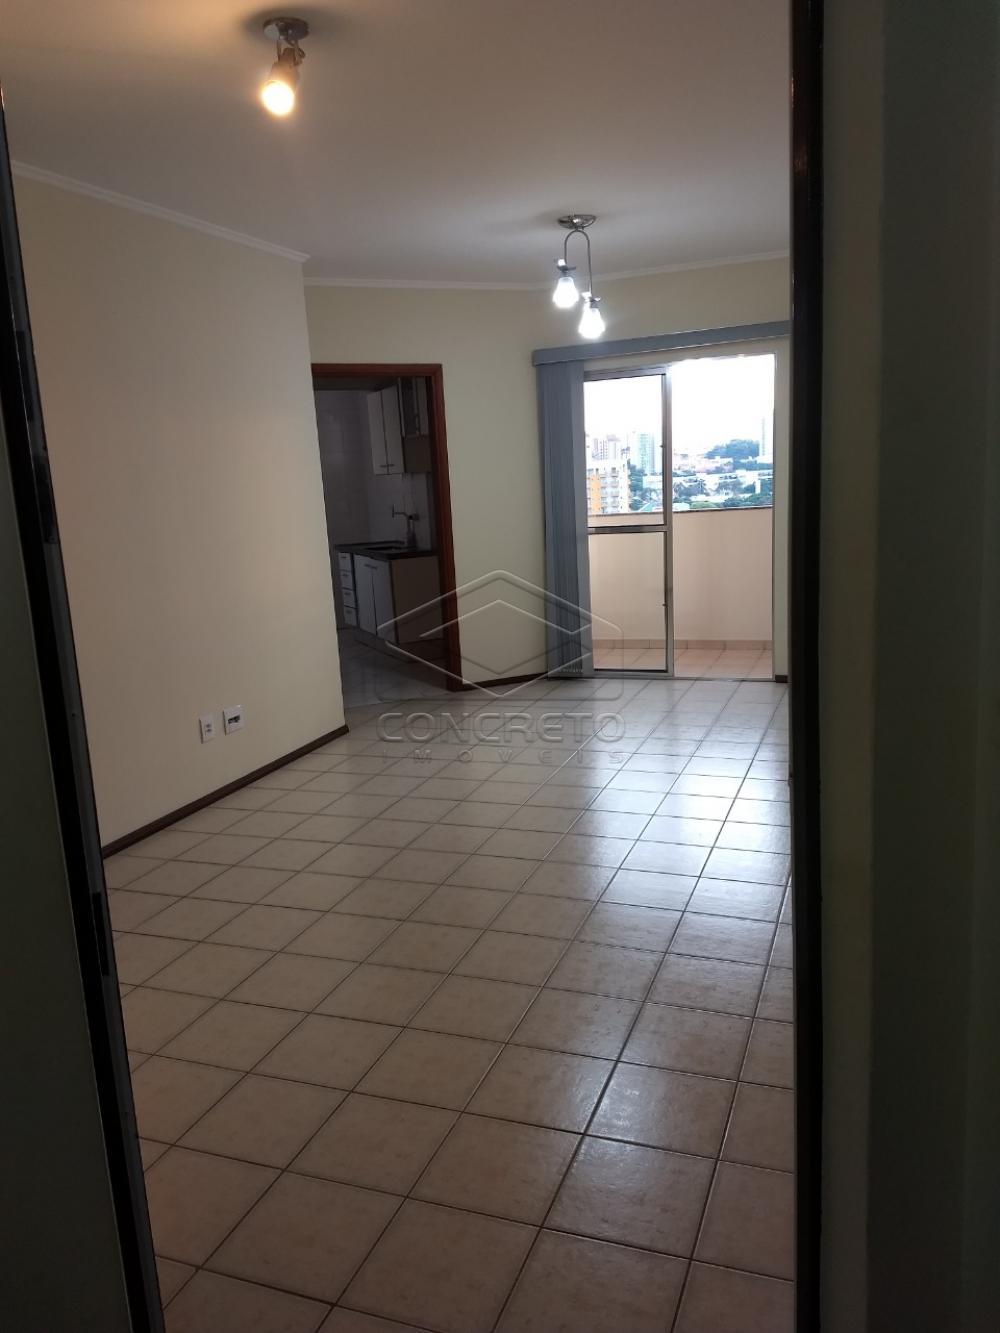 Comprar Apartamento / Padrão em Bauru apenas R$ 200.000,00 - Foto 5